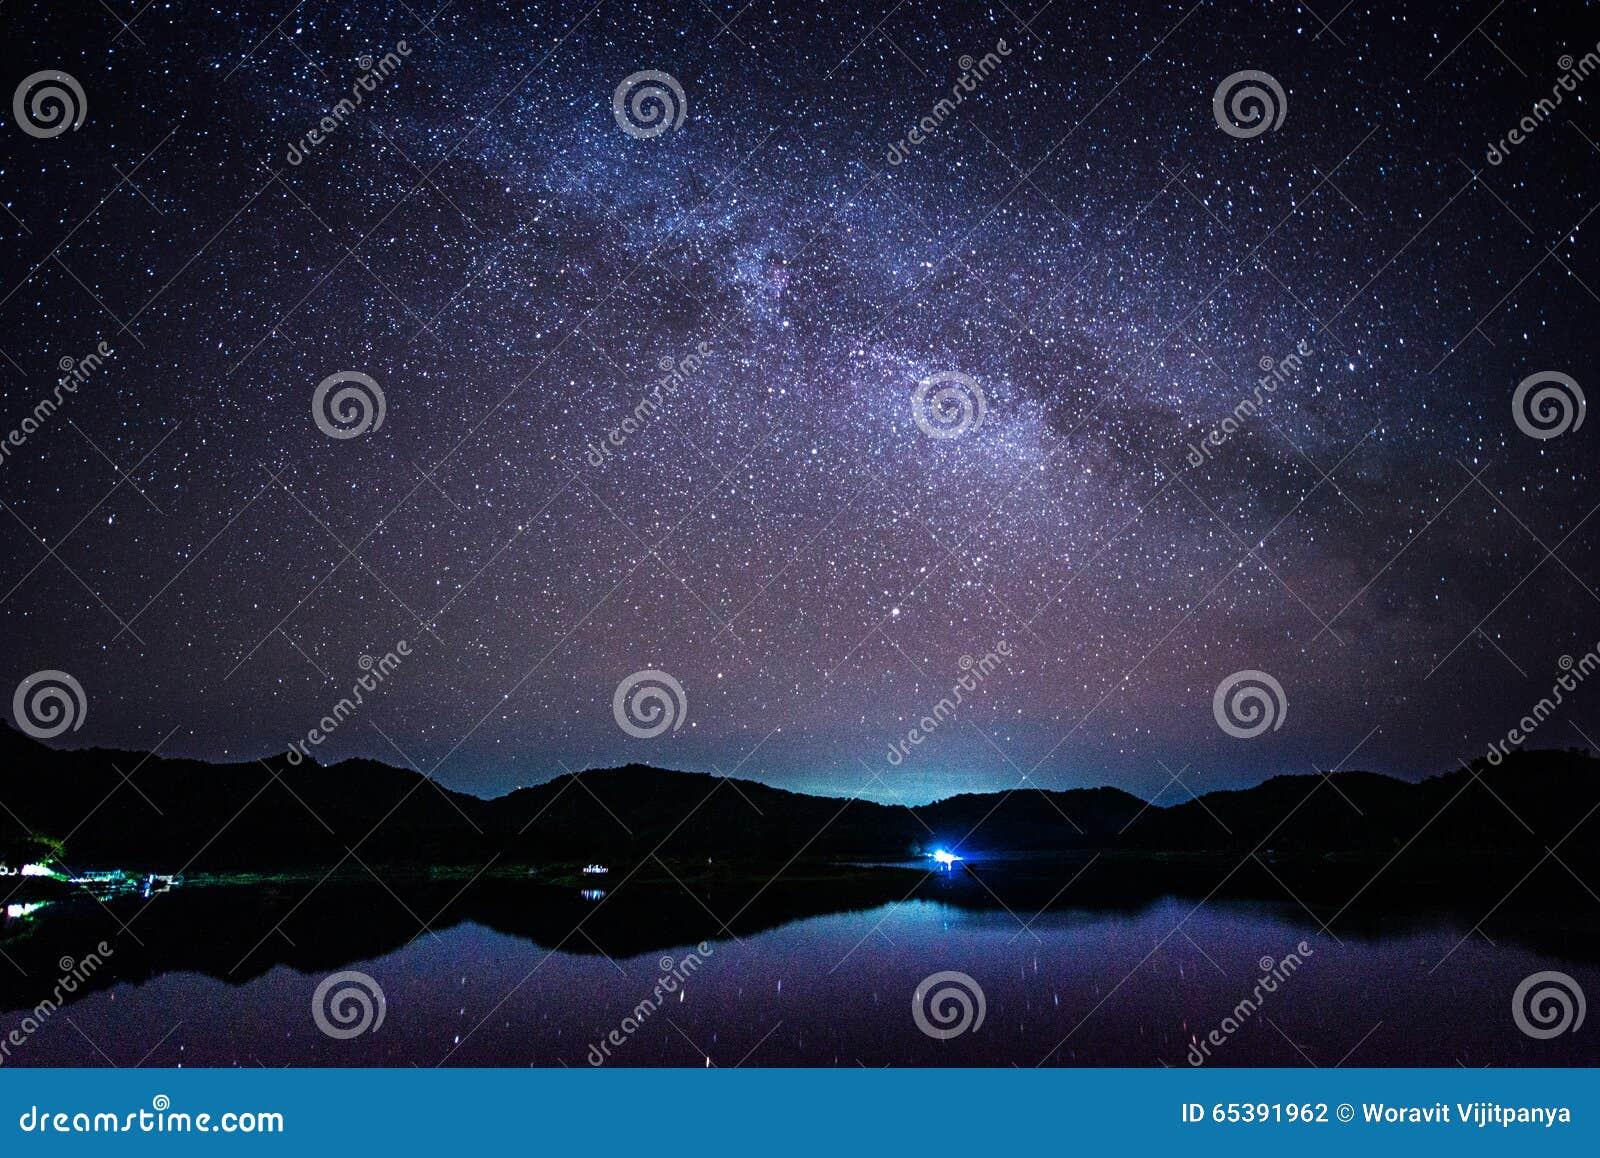 Manière laiteuse, la galaxie